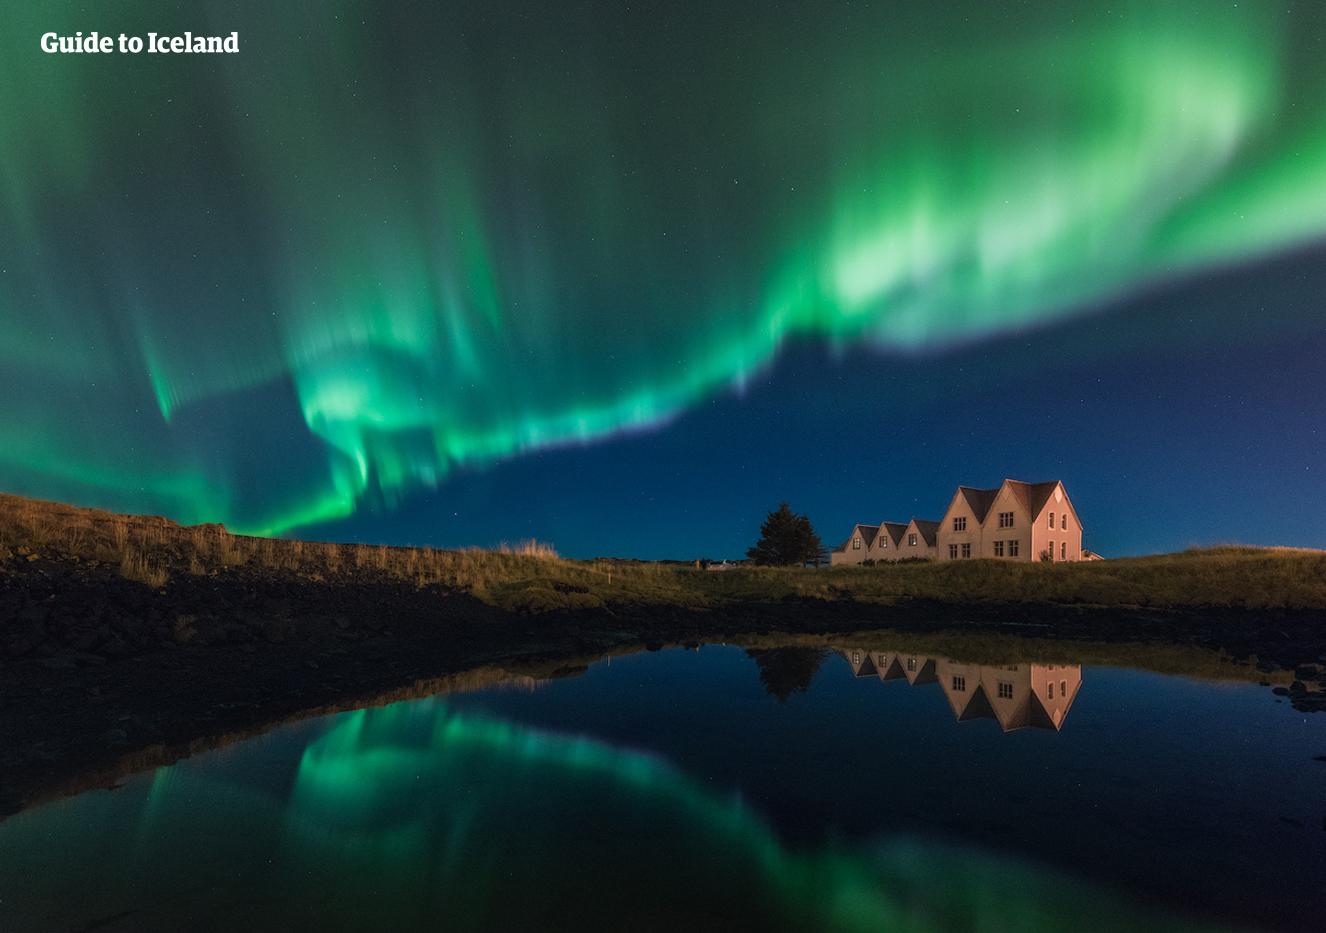 北极光在冰岛雷克雅内斯半岛上空舞动